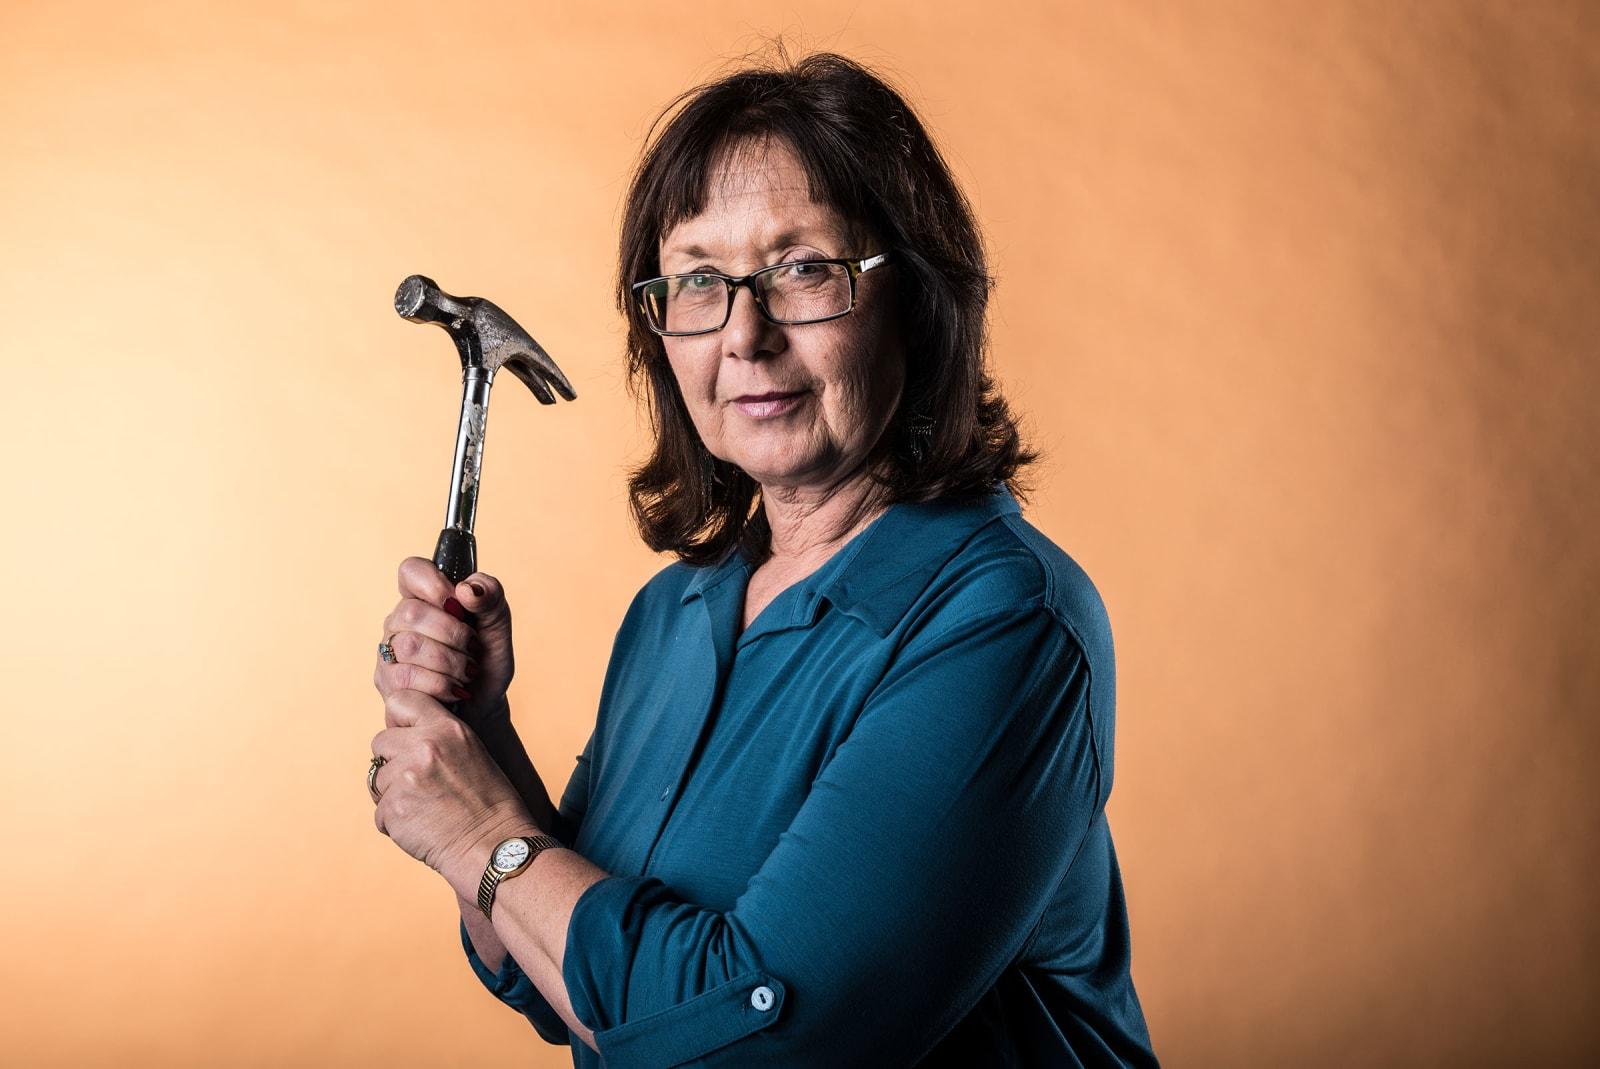 Cindy Struensee Portrait